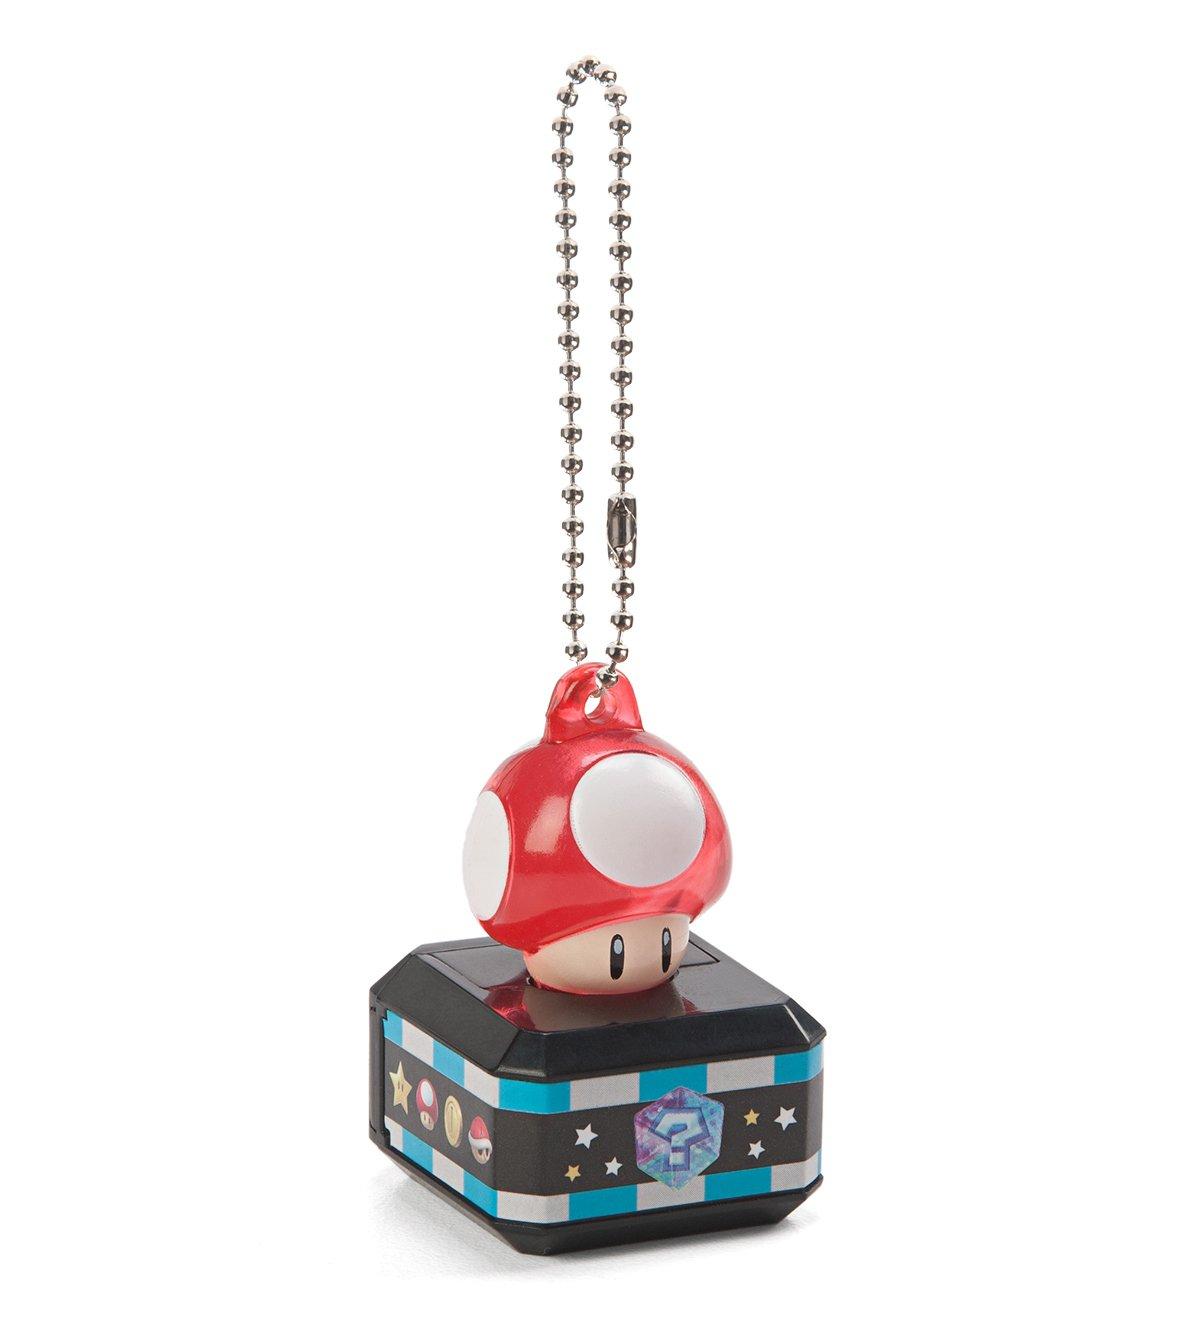 Super Mario Bros. Mario Kart 8 Red Mushroom Light Up LED ...